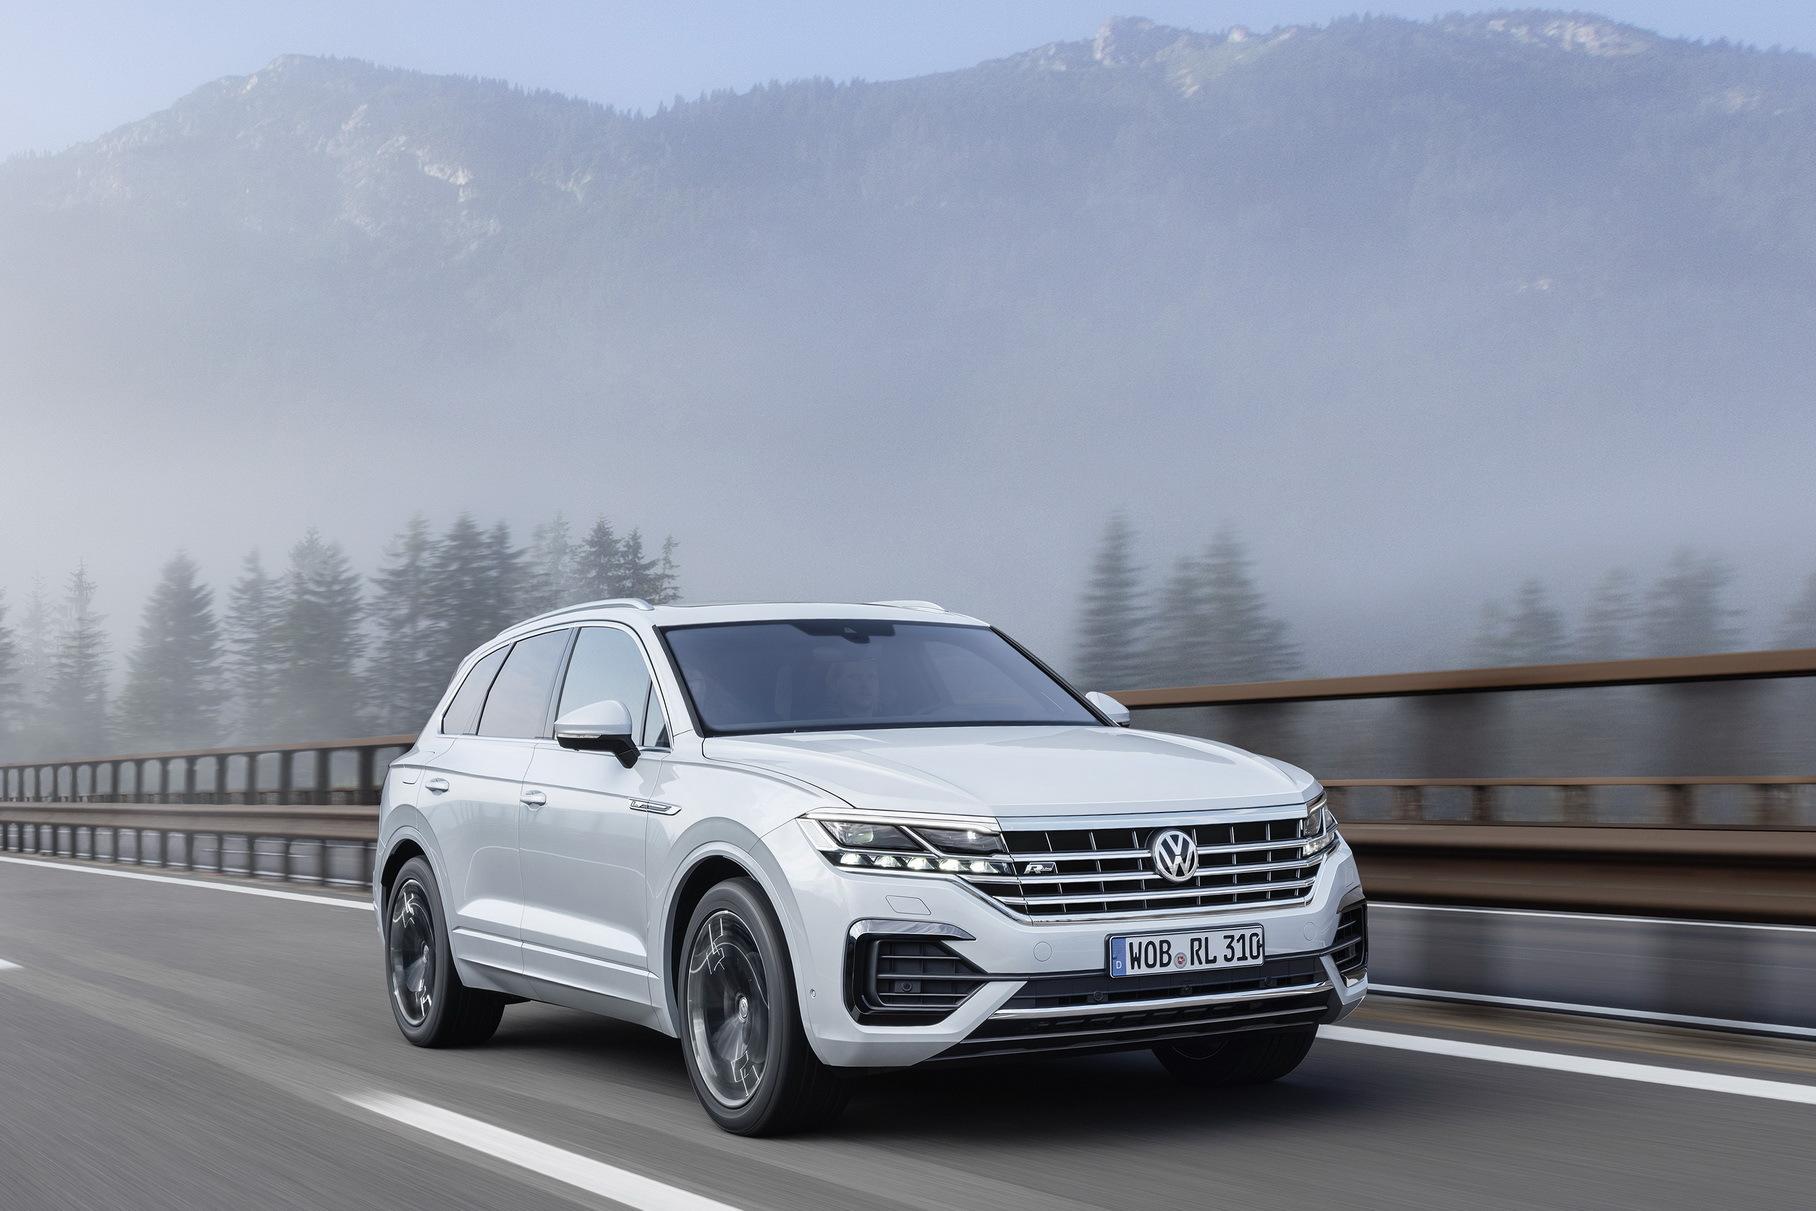 В России отзывают новые Volkswagen Touareg из-за проблем с подвеской